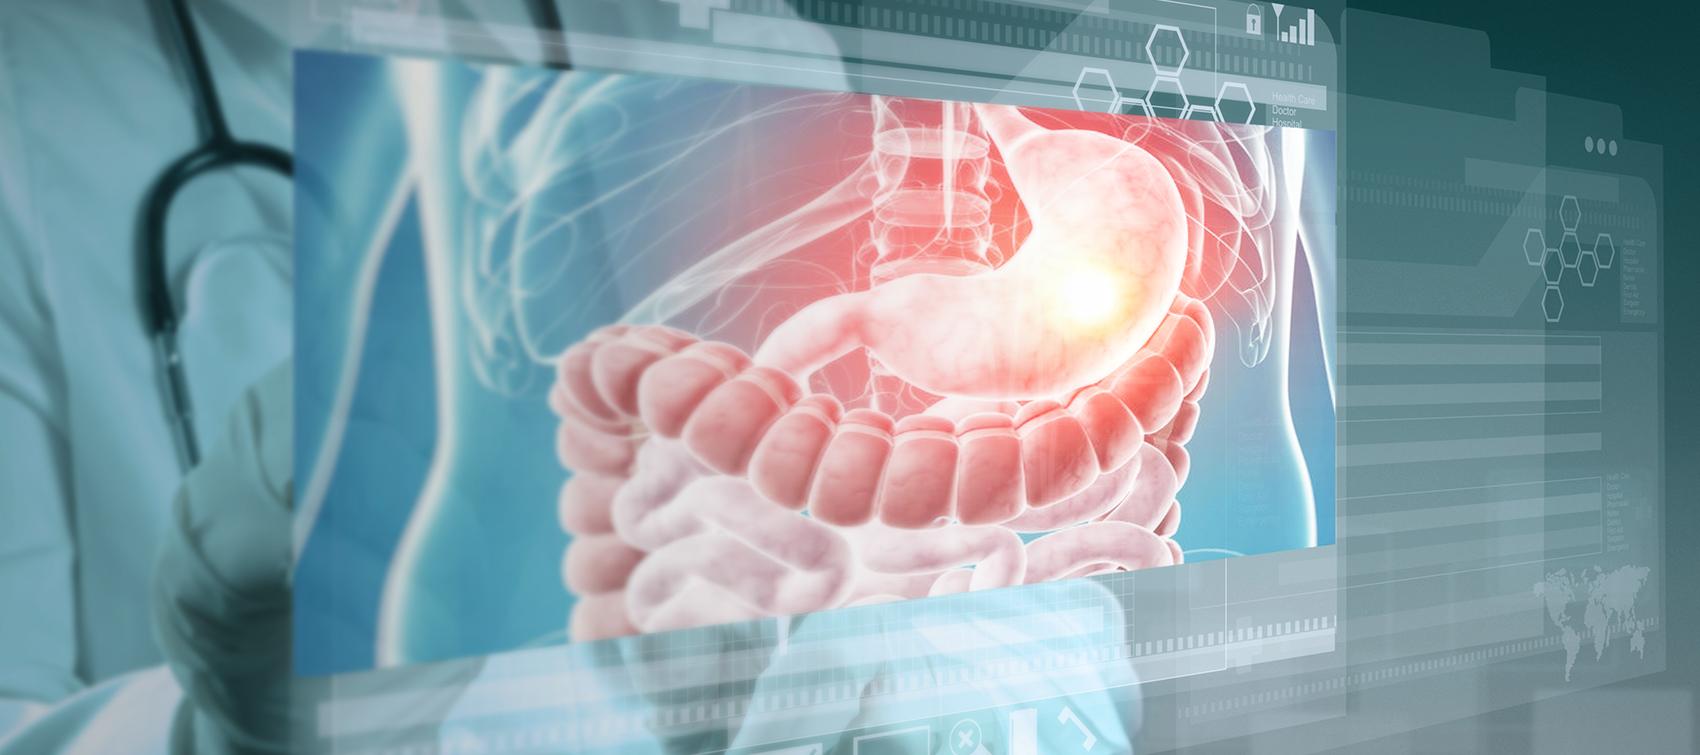 Диагностика раннего рака ЖКТ